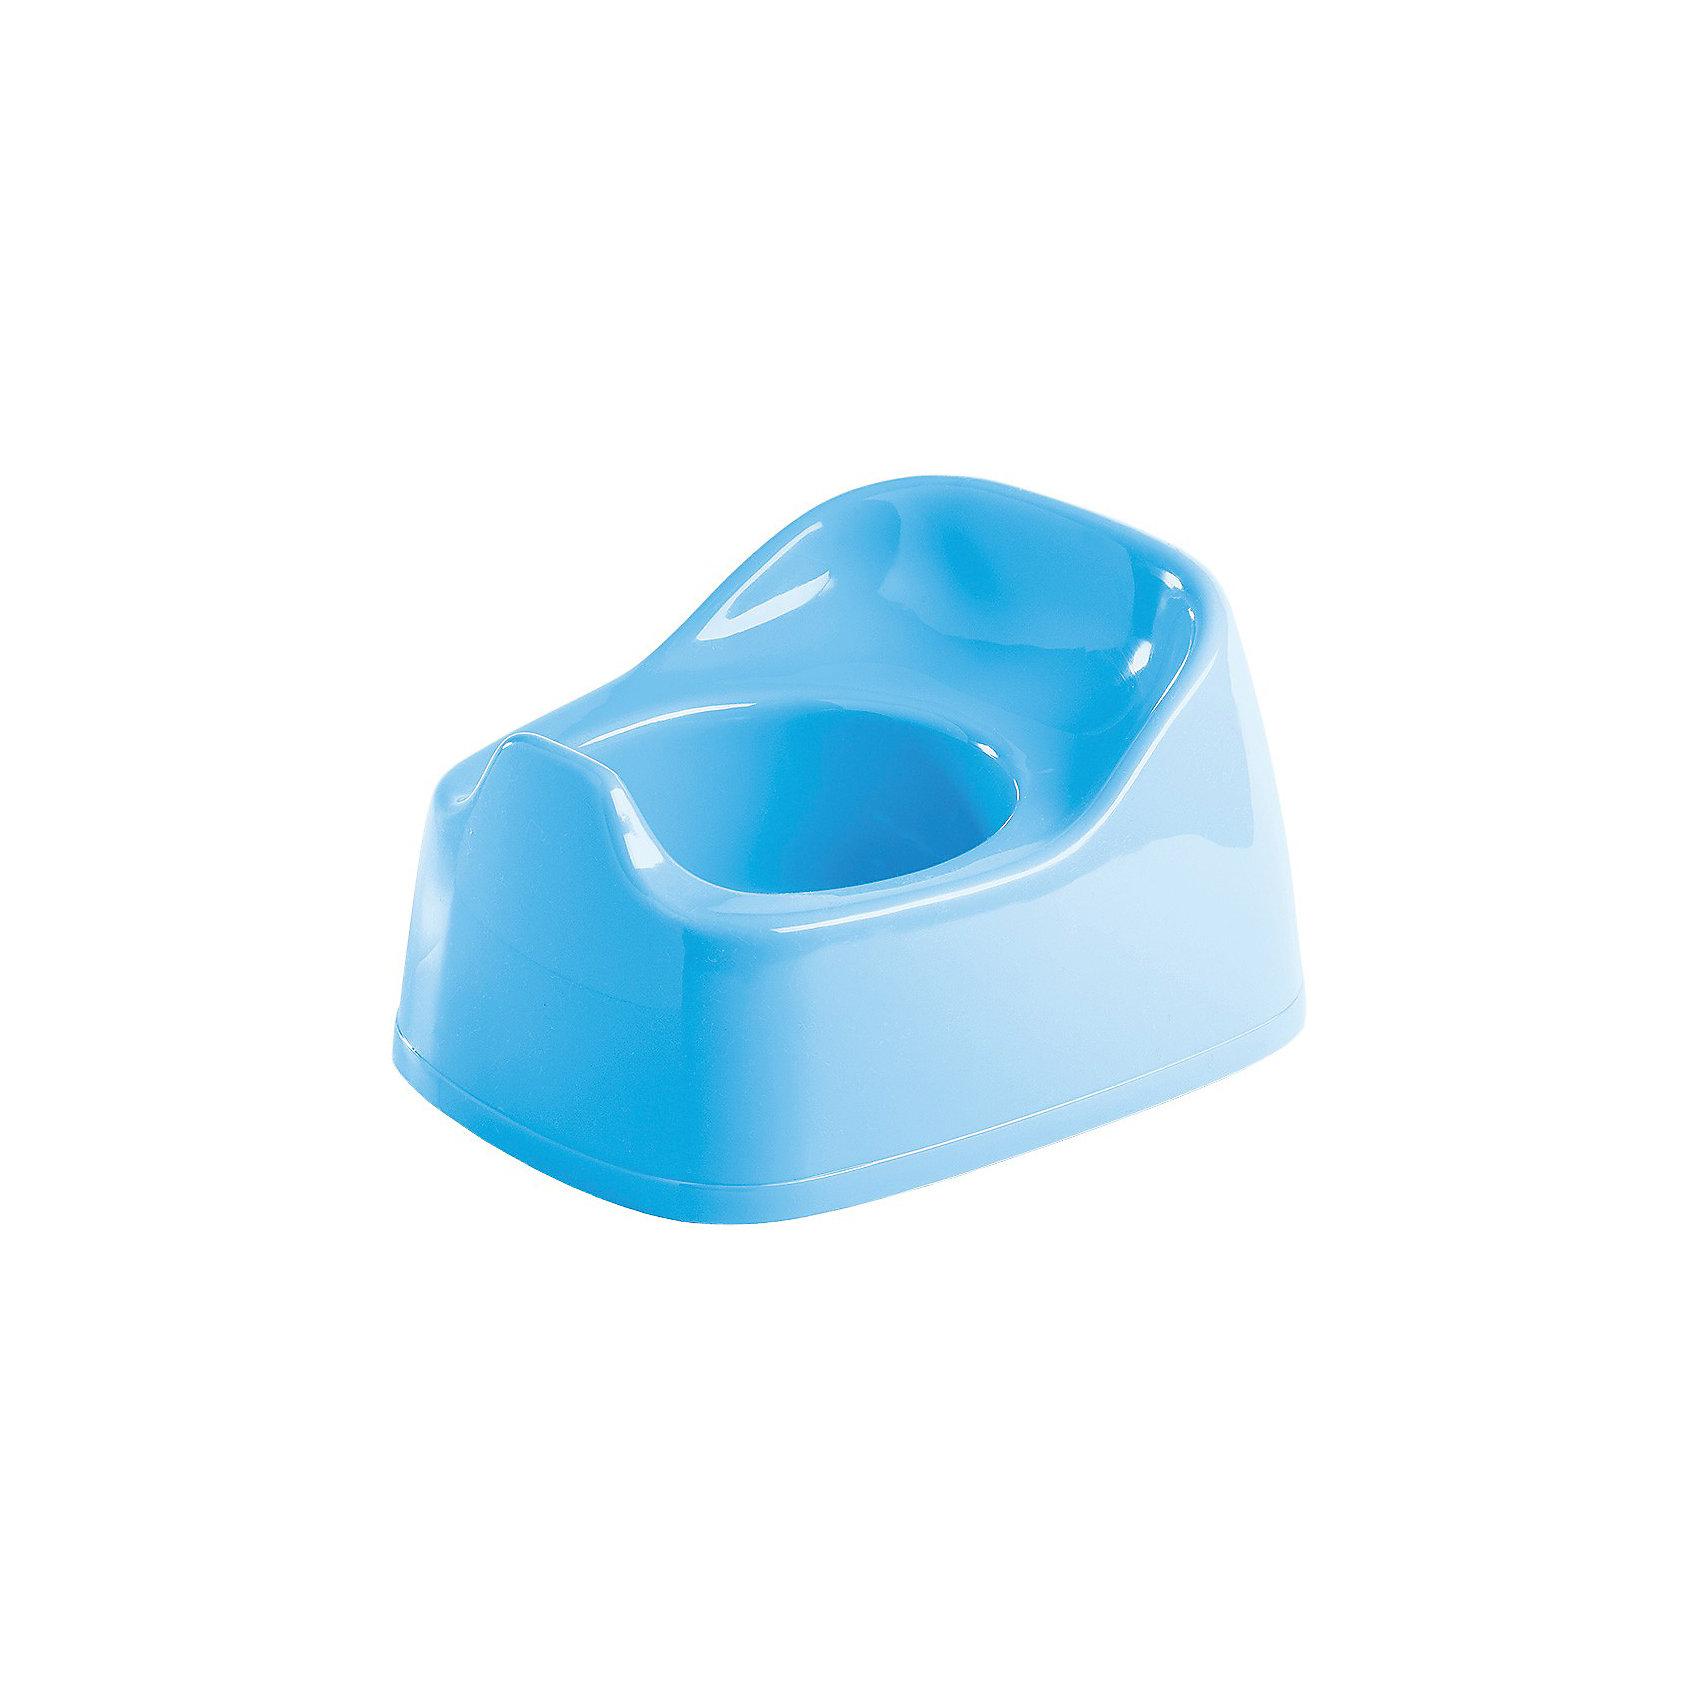 Пластишка Горшок детский, Пластишка, пластишка горка для купания детей пластишка